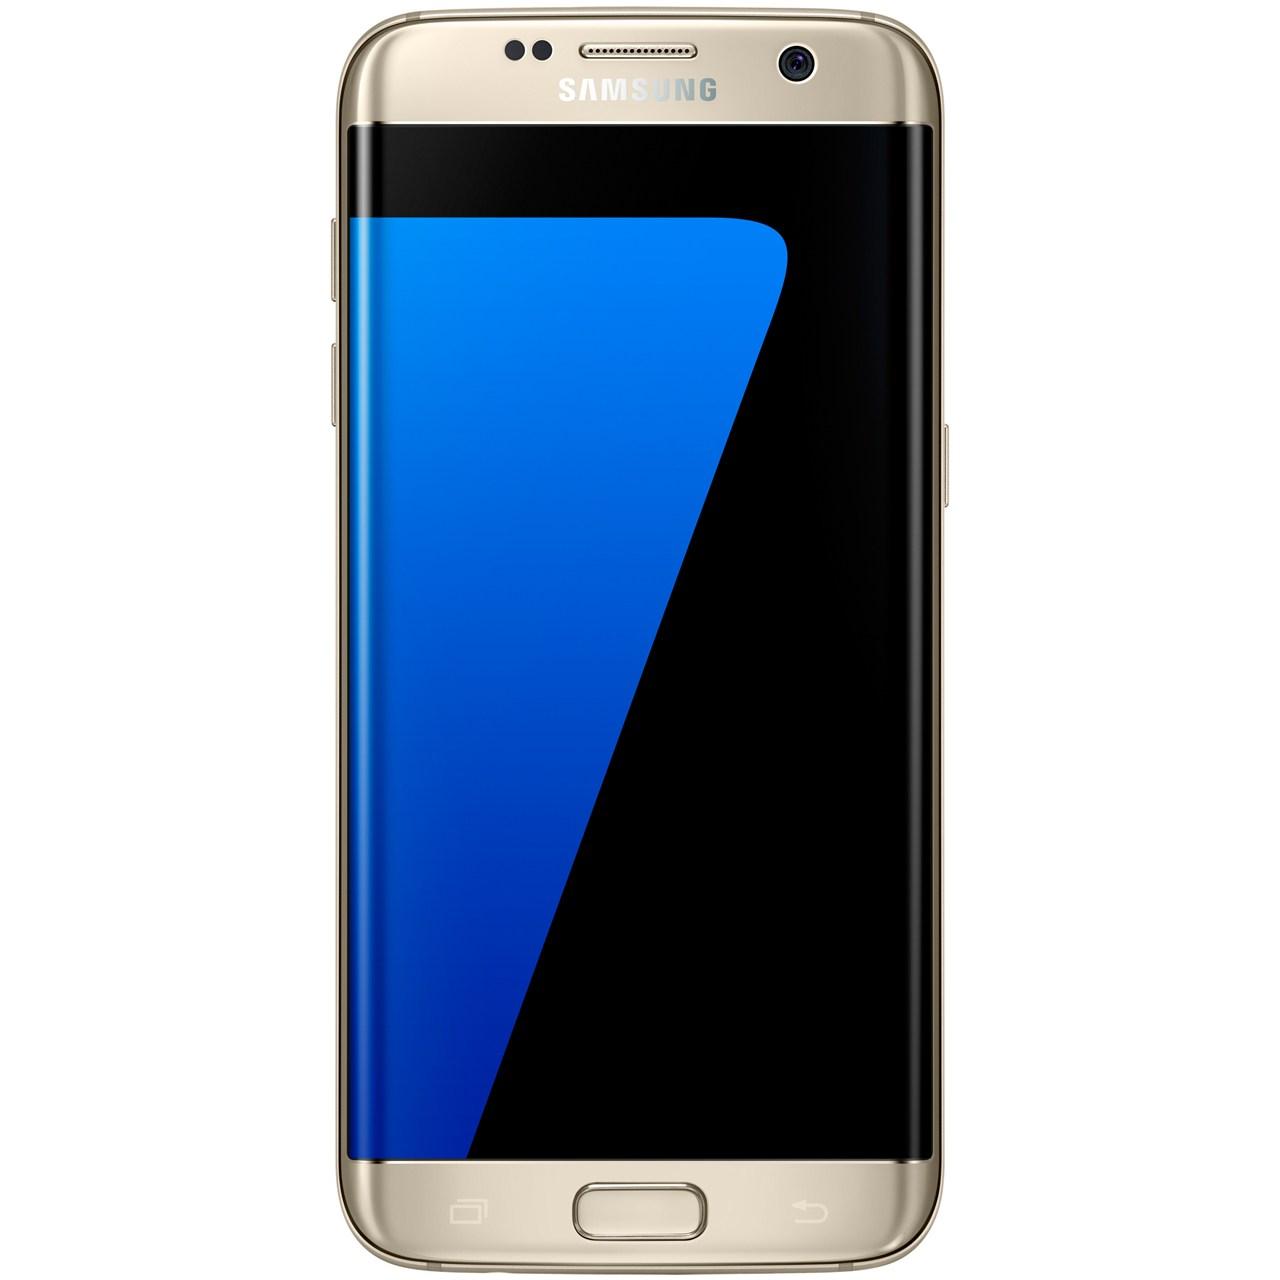 گوشی موبایل سامسونگ مدل Galaxy S7 Edge SM-G935F ظرفیت 32 گیگابایت